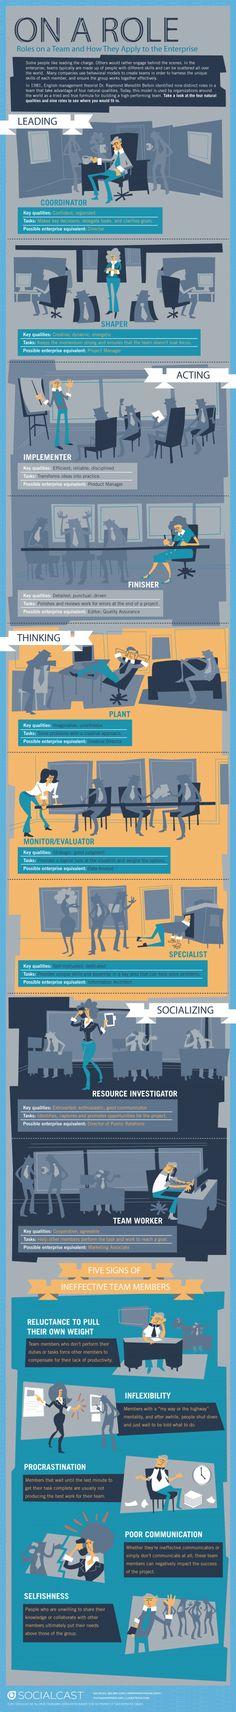 Los roles en un equipo de trabajo y cómo aplicarlo en la empresa #infografia #infographic